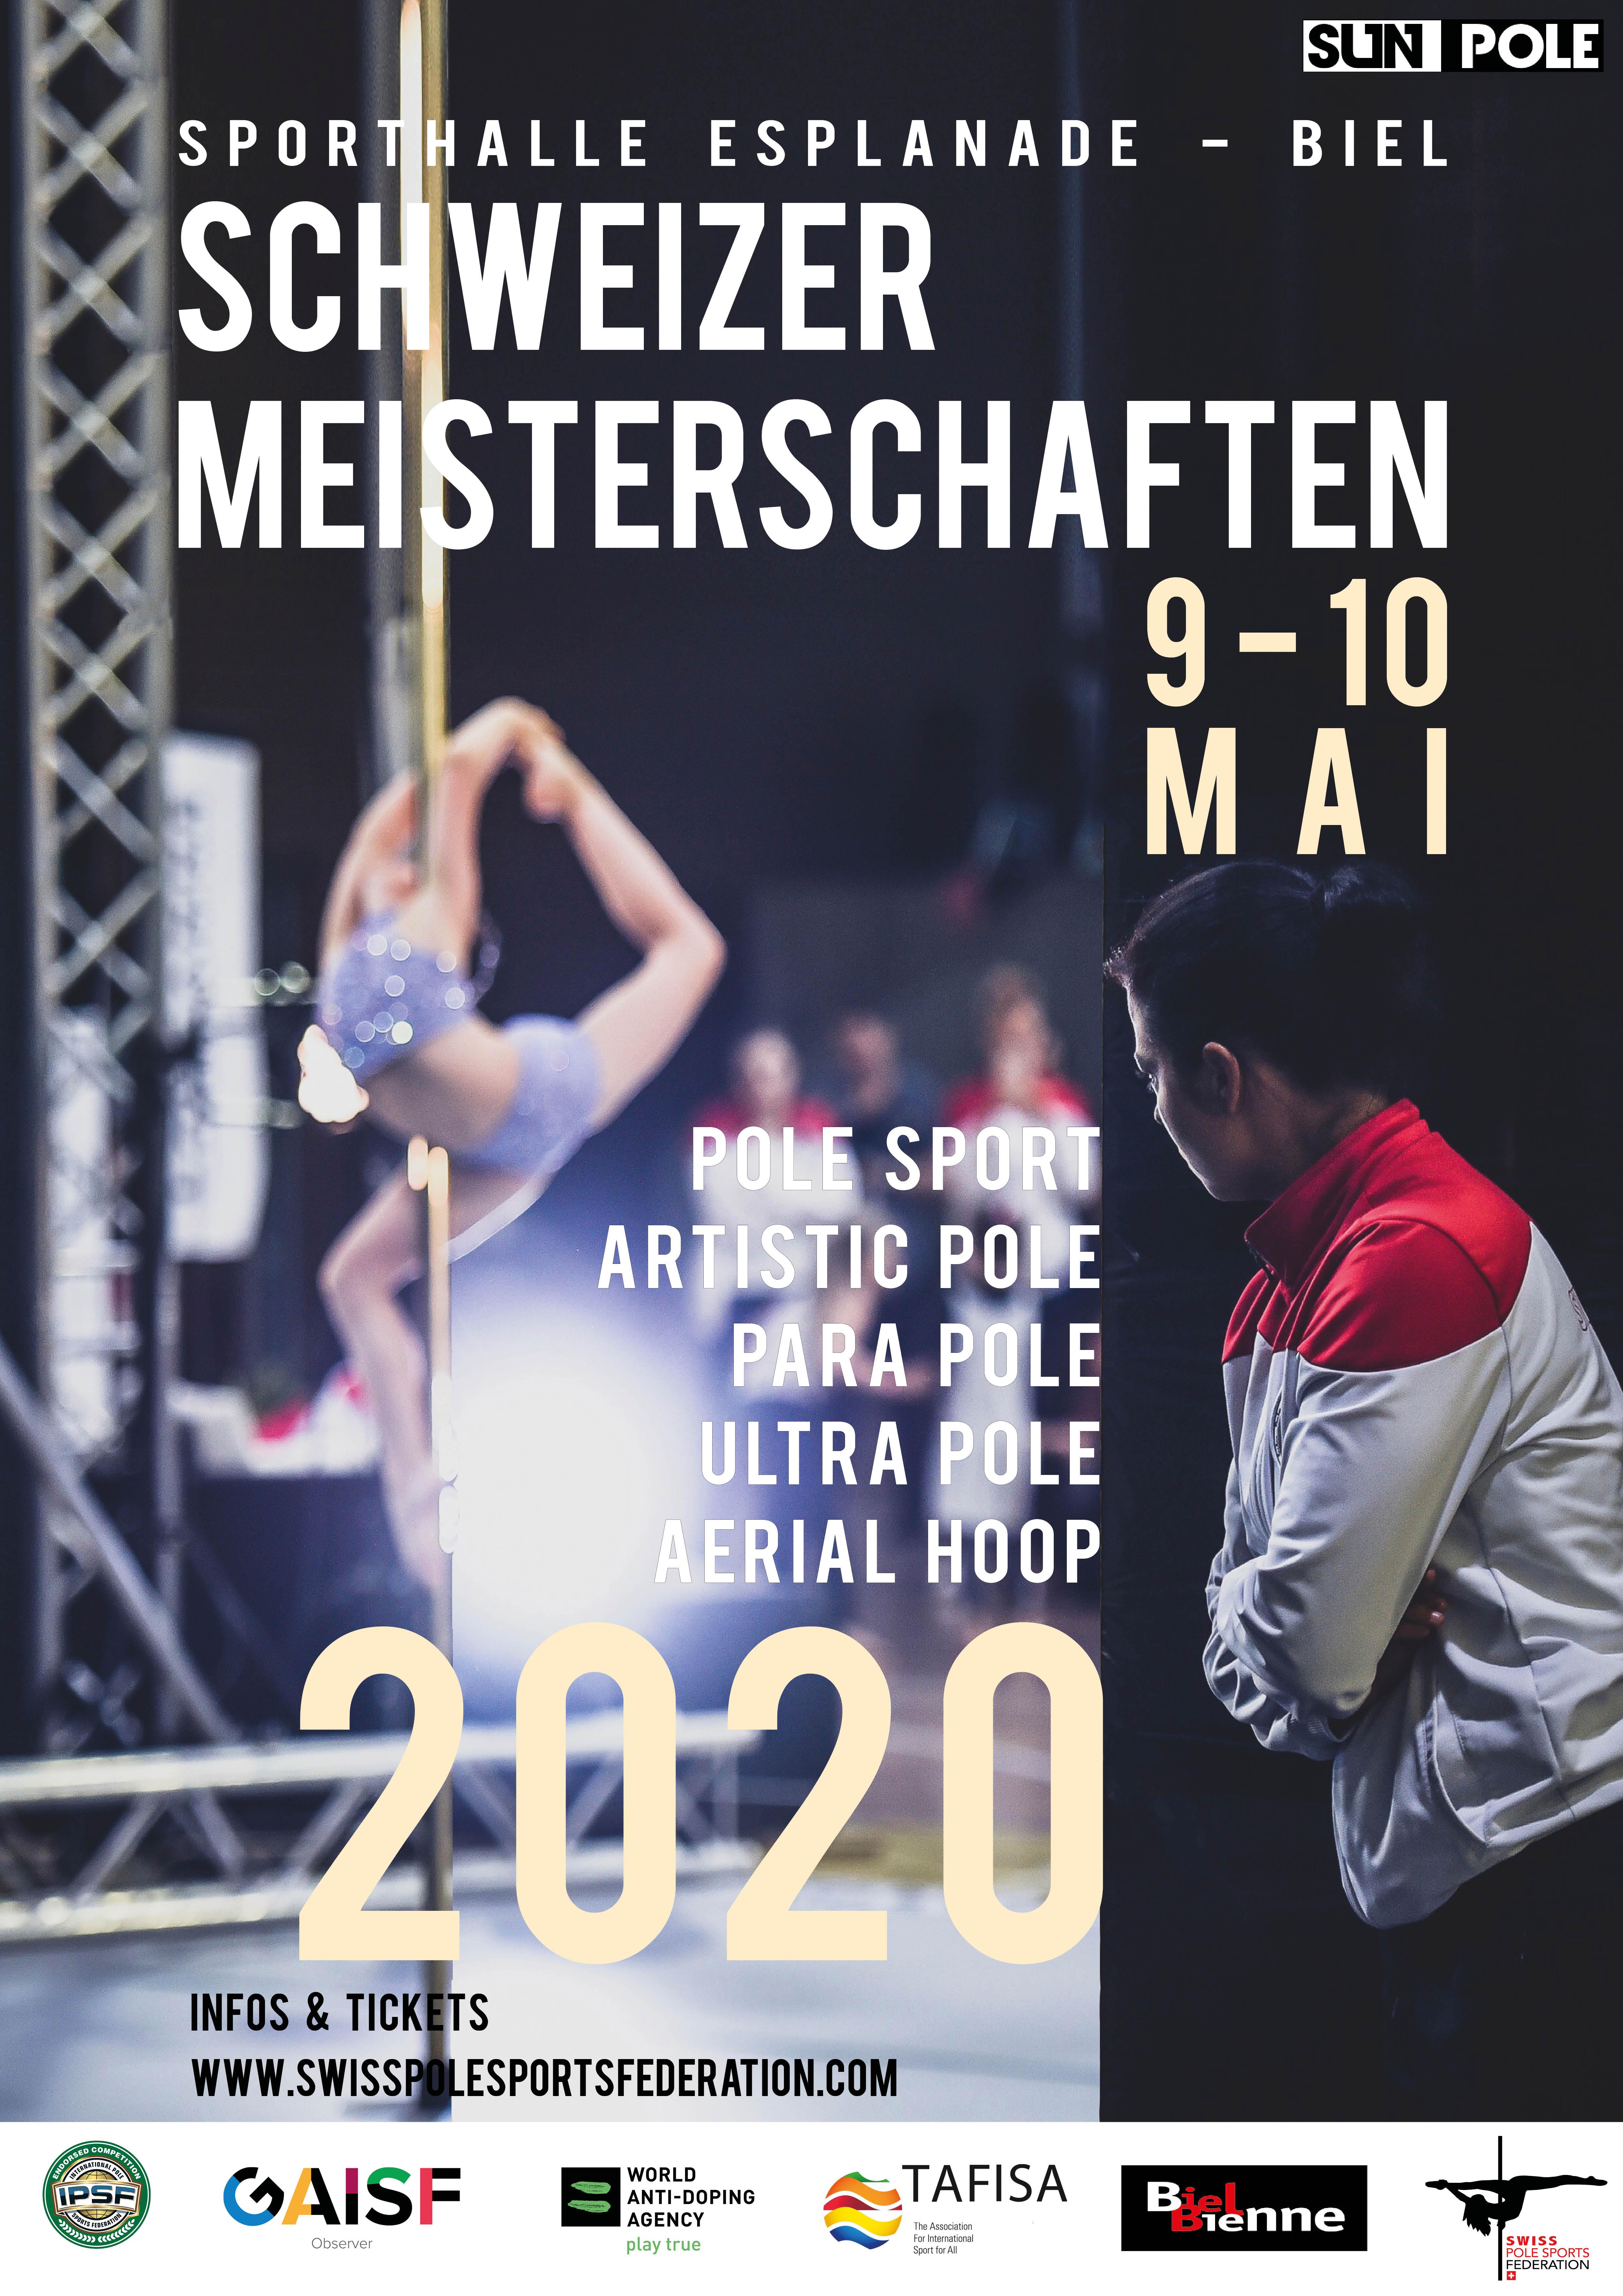 Schweizer Meistercshaften Pole Sports IPSF 2020